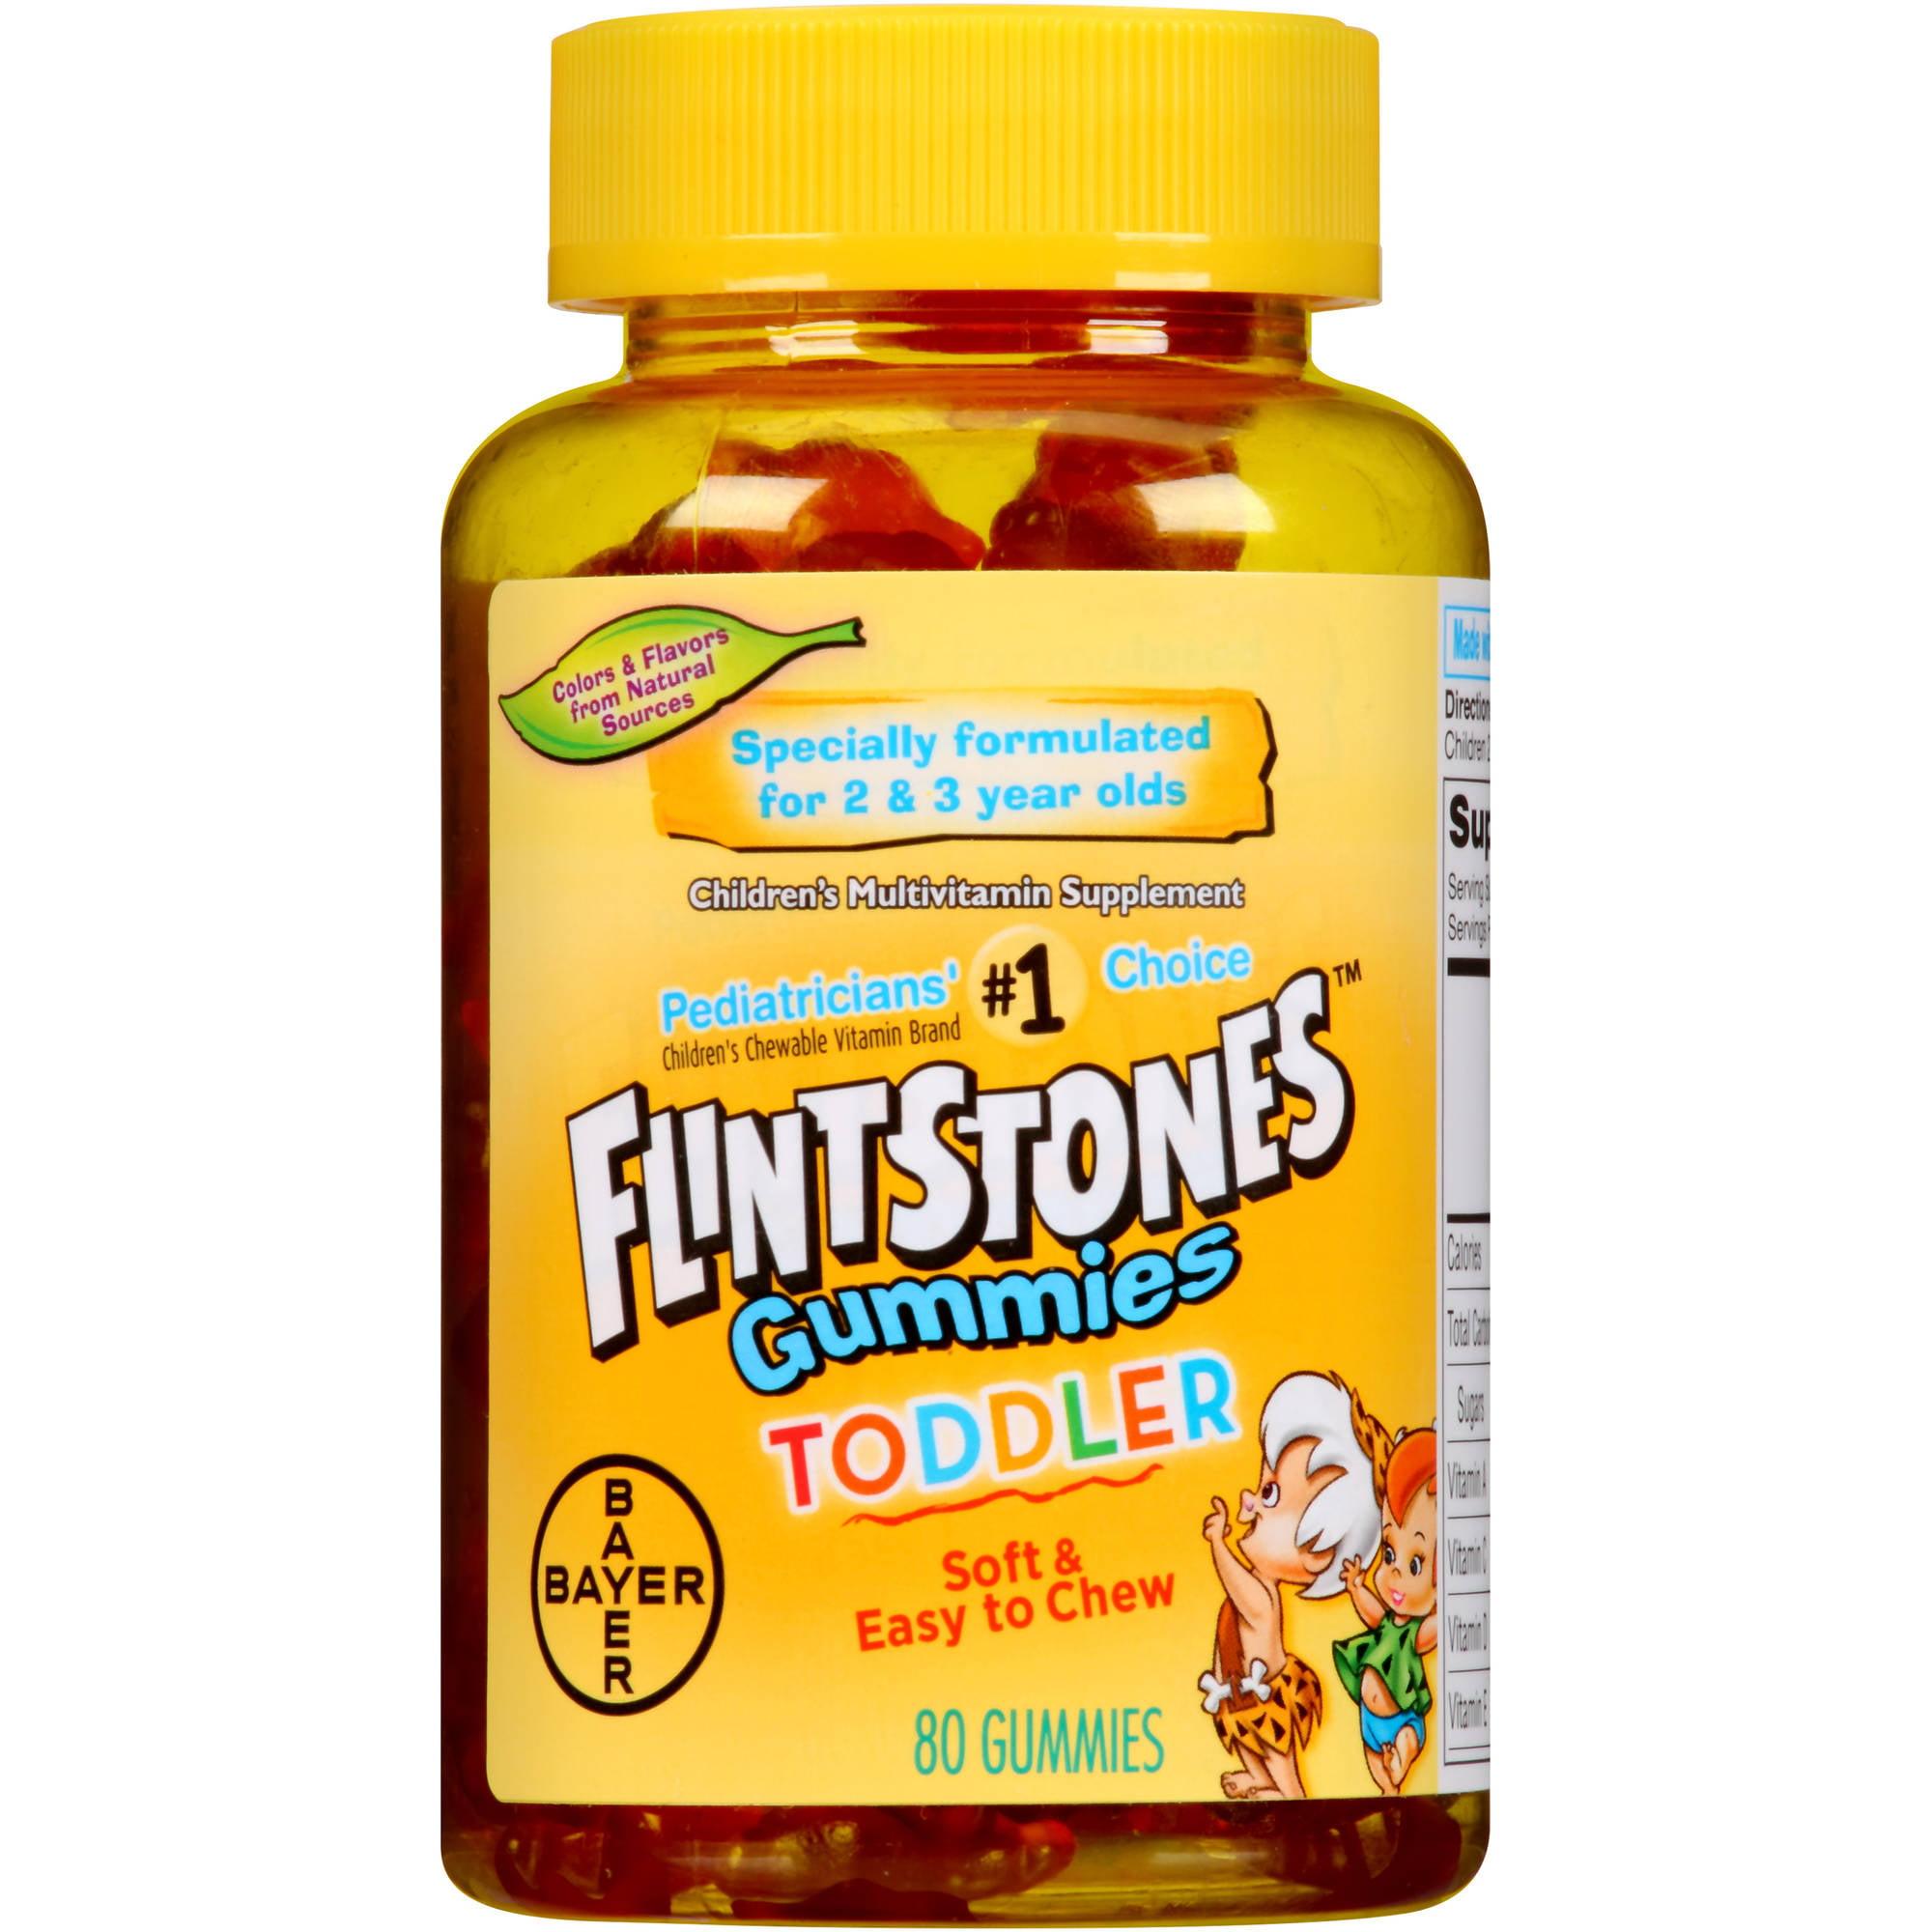 Flintstones Toddler Gummies Children's Multivitamin Supplement, 80 count